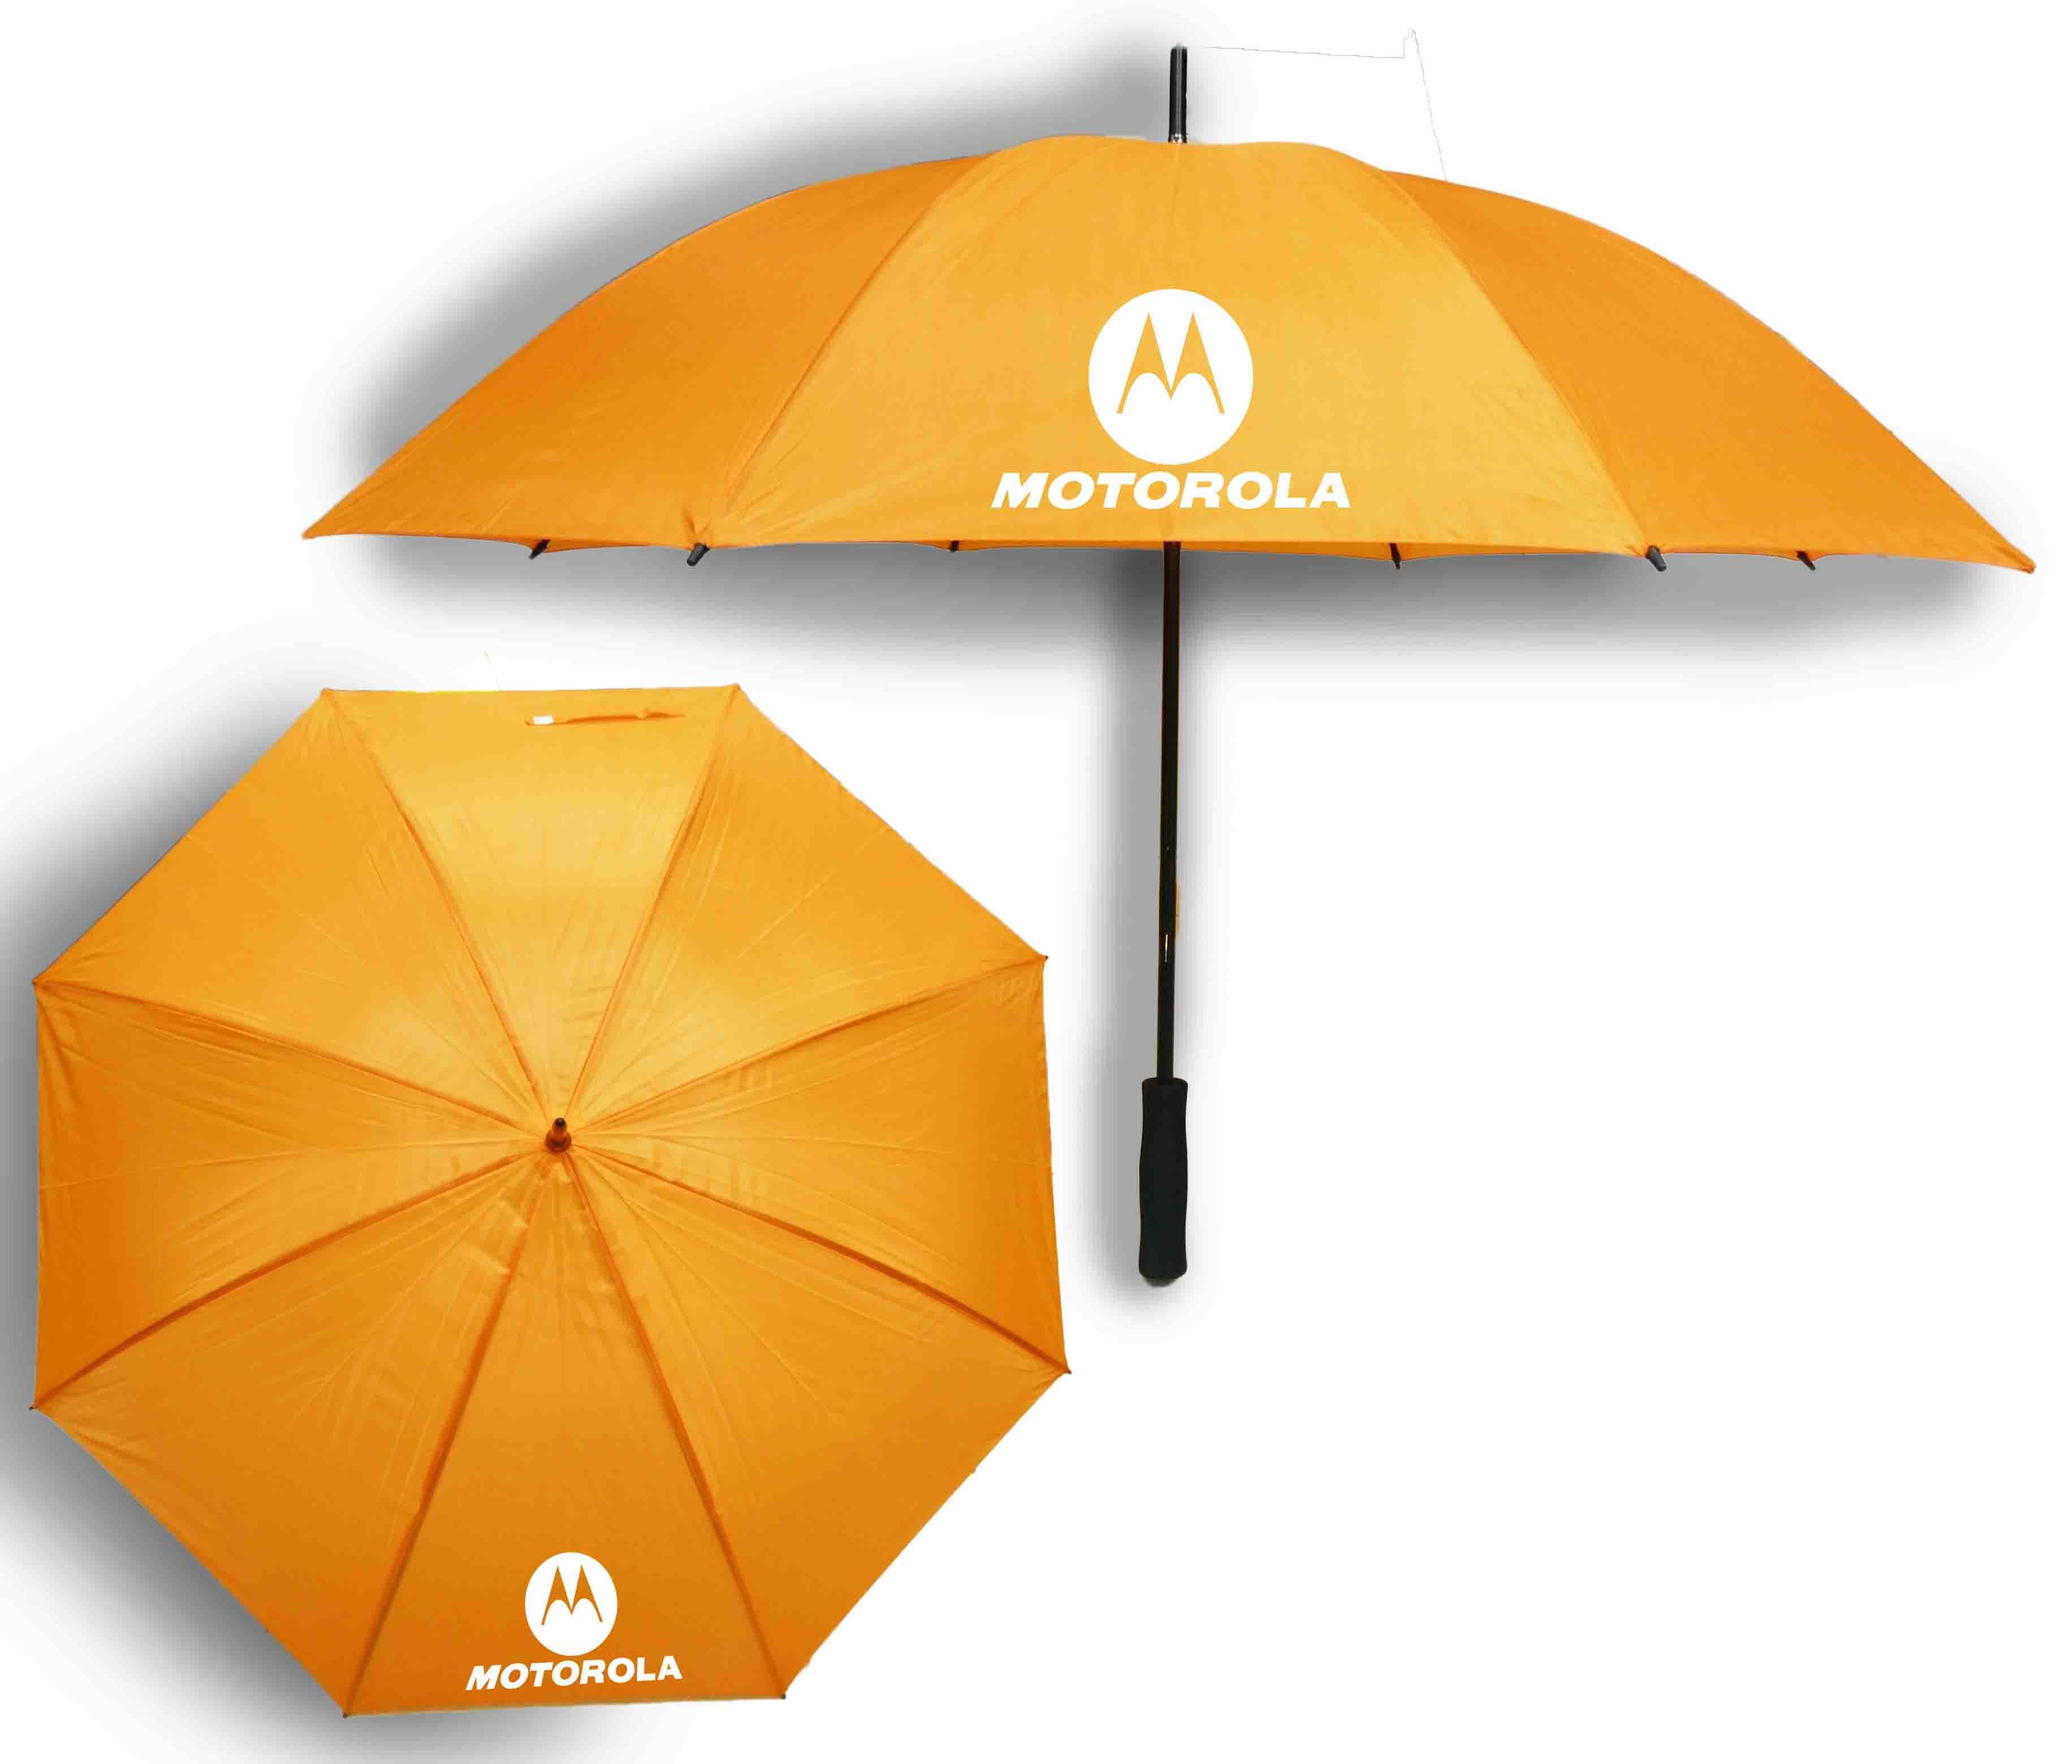 מטריה כתומה | מטריה סגולה